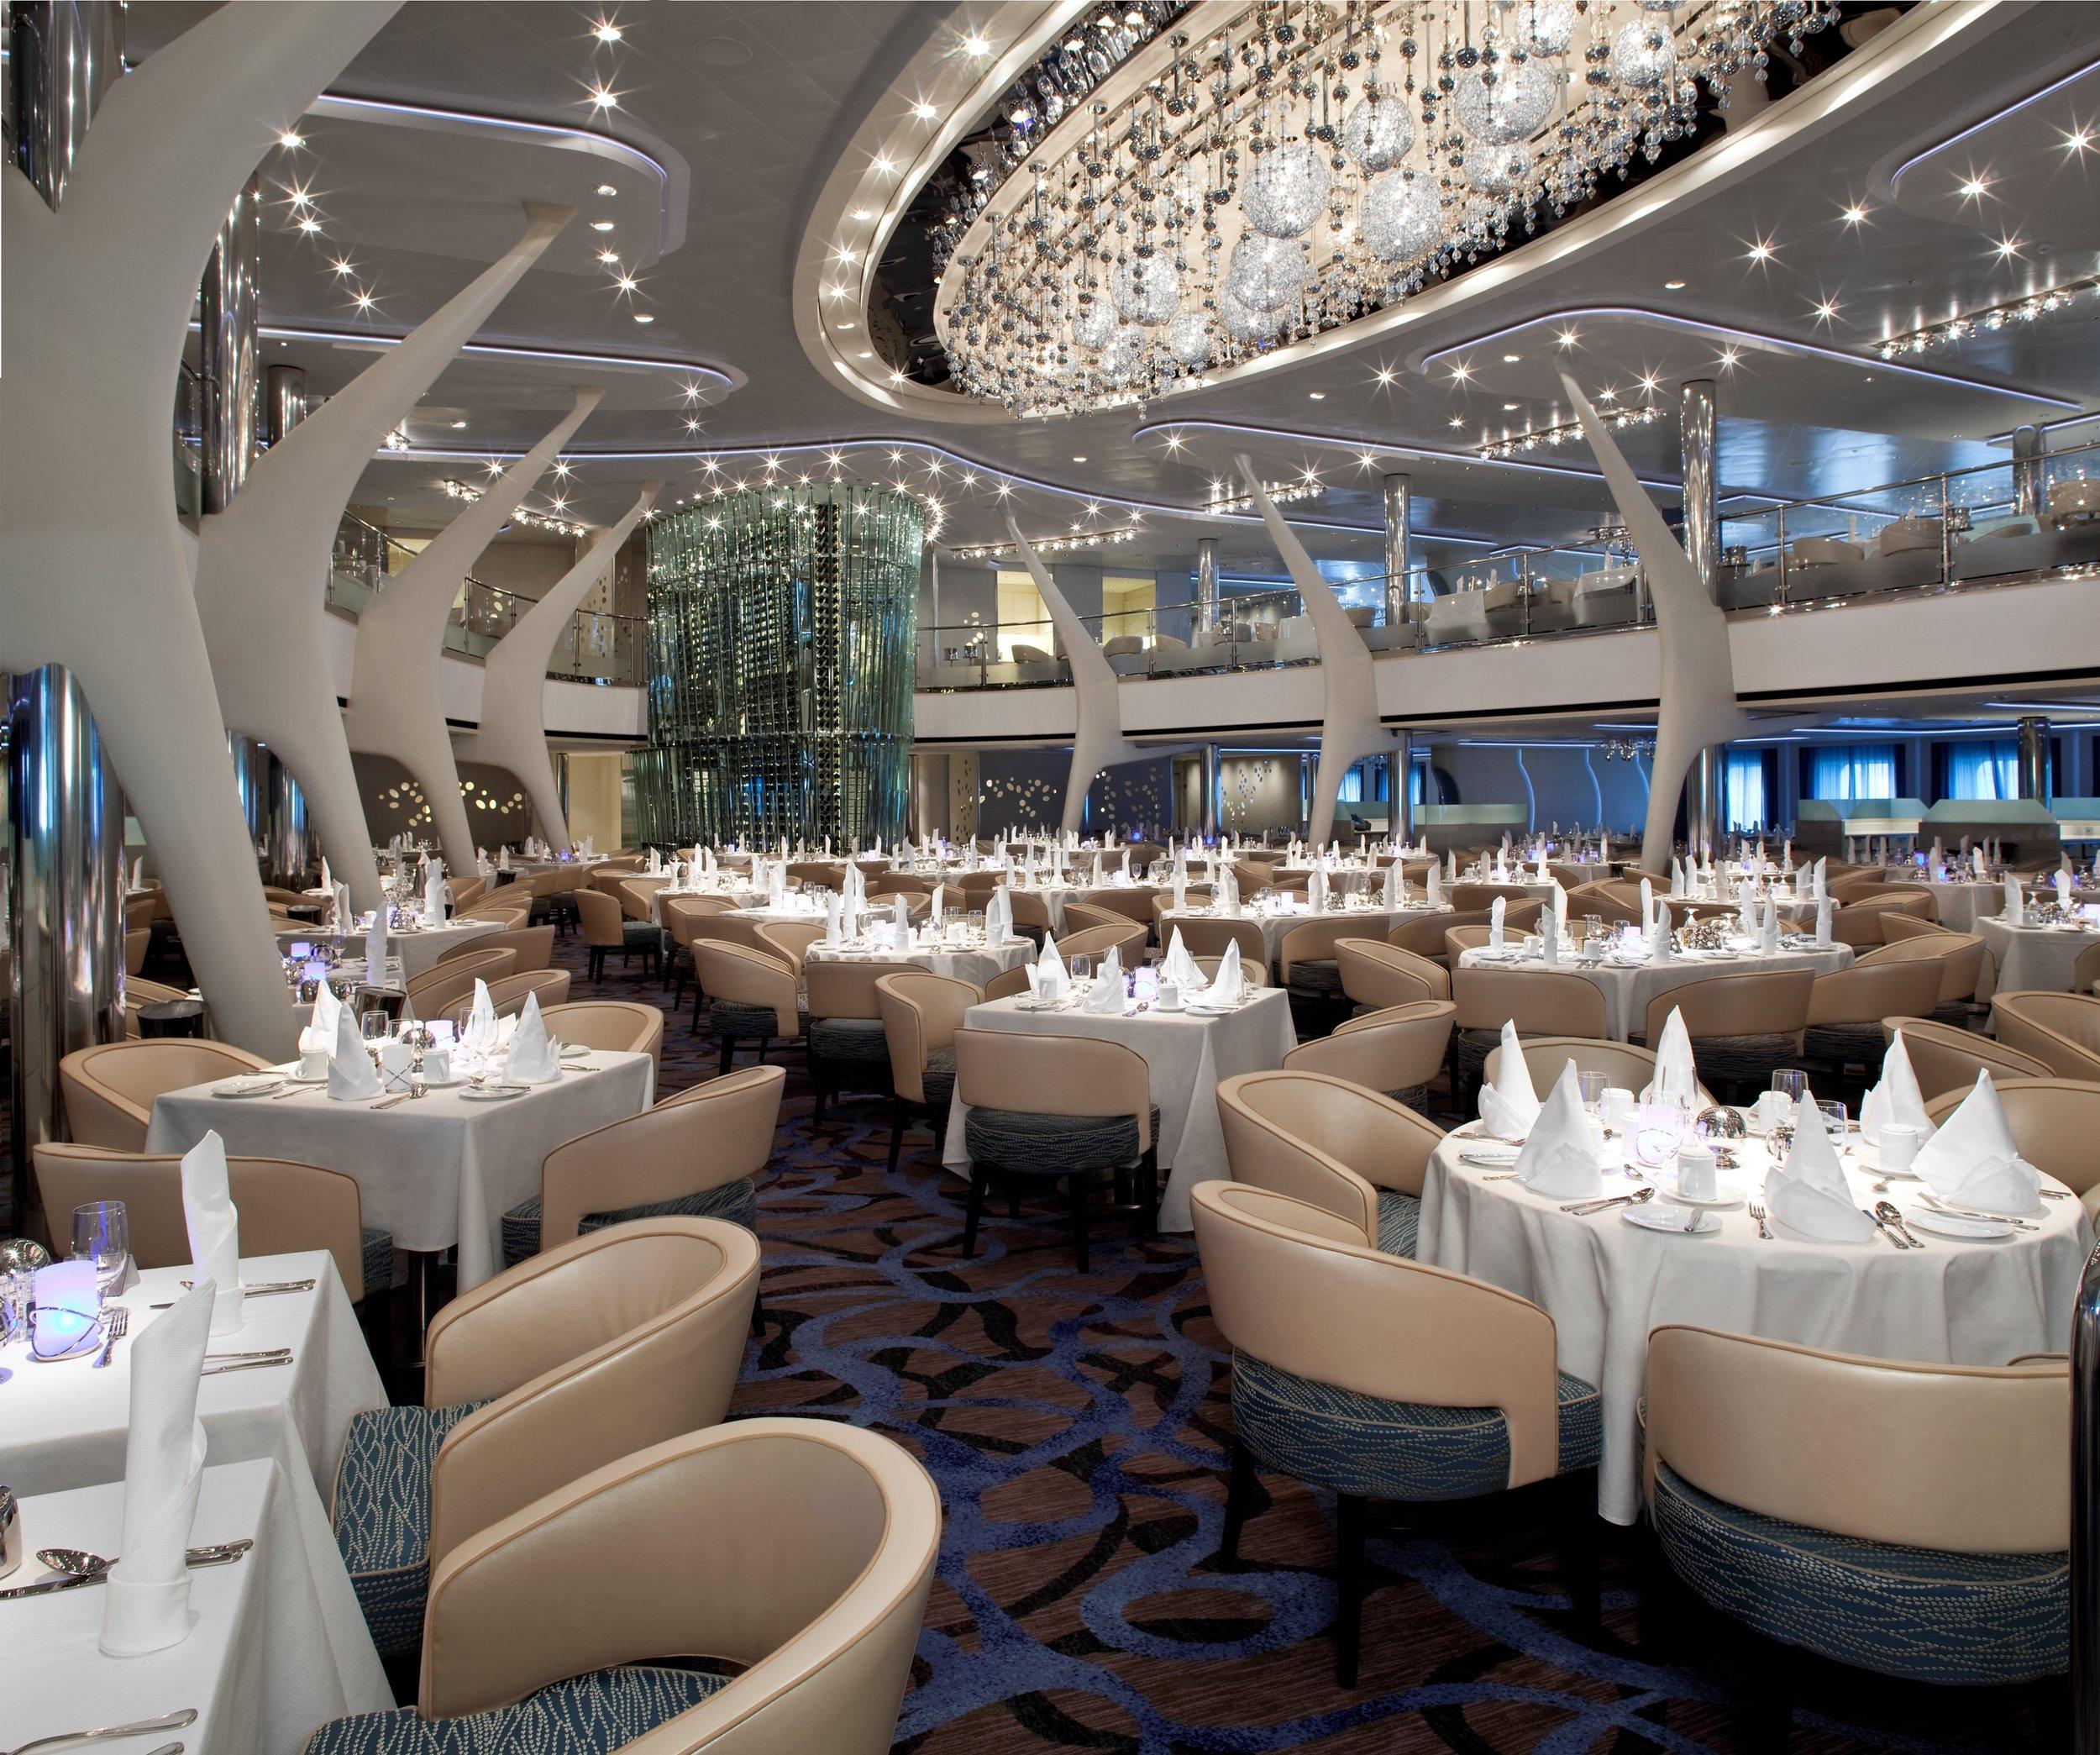 RESTAURANT/MAHLZEITEN   Die Speisen werden im Hauptrestaurant eingenommen. Alternativ gibt es das Buffet Oceanview Cafe bzw. Spezialitätenrestaurants (gegen Gebühr).